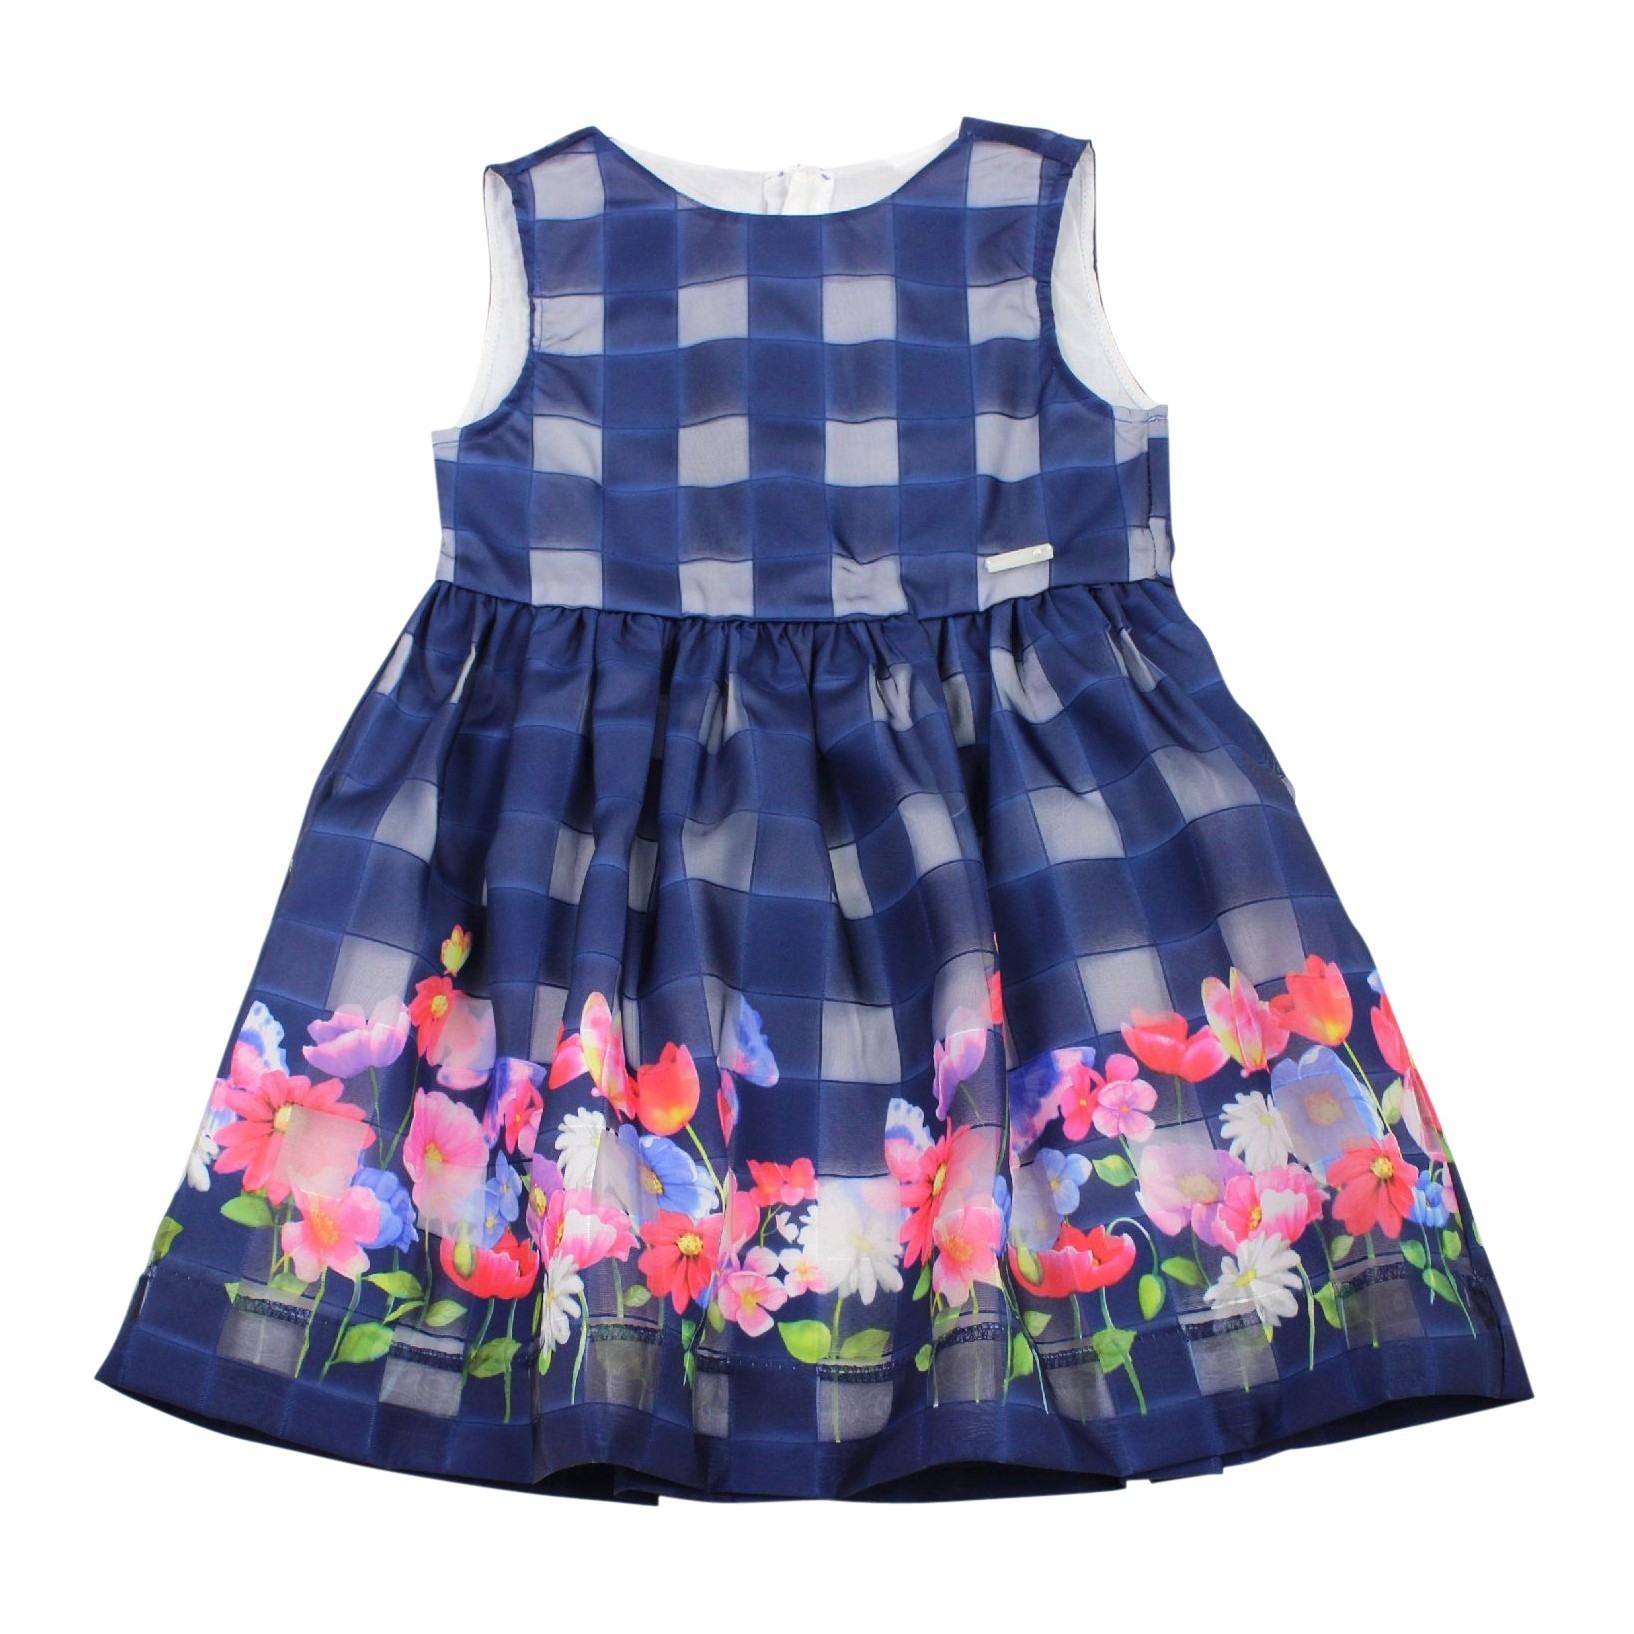 Formal Top Sommerkleid Festlich Bester Preis15 Genial Sommerkleid Festlich Design